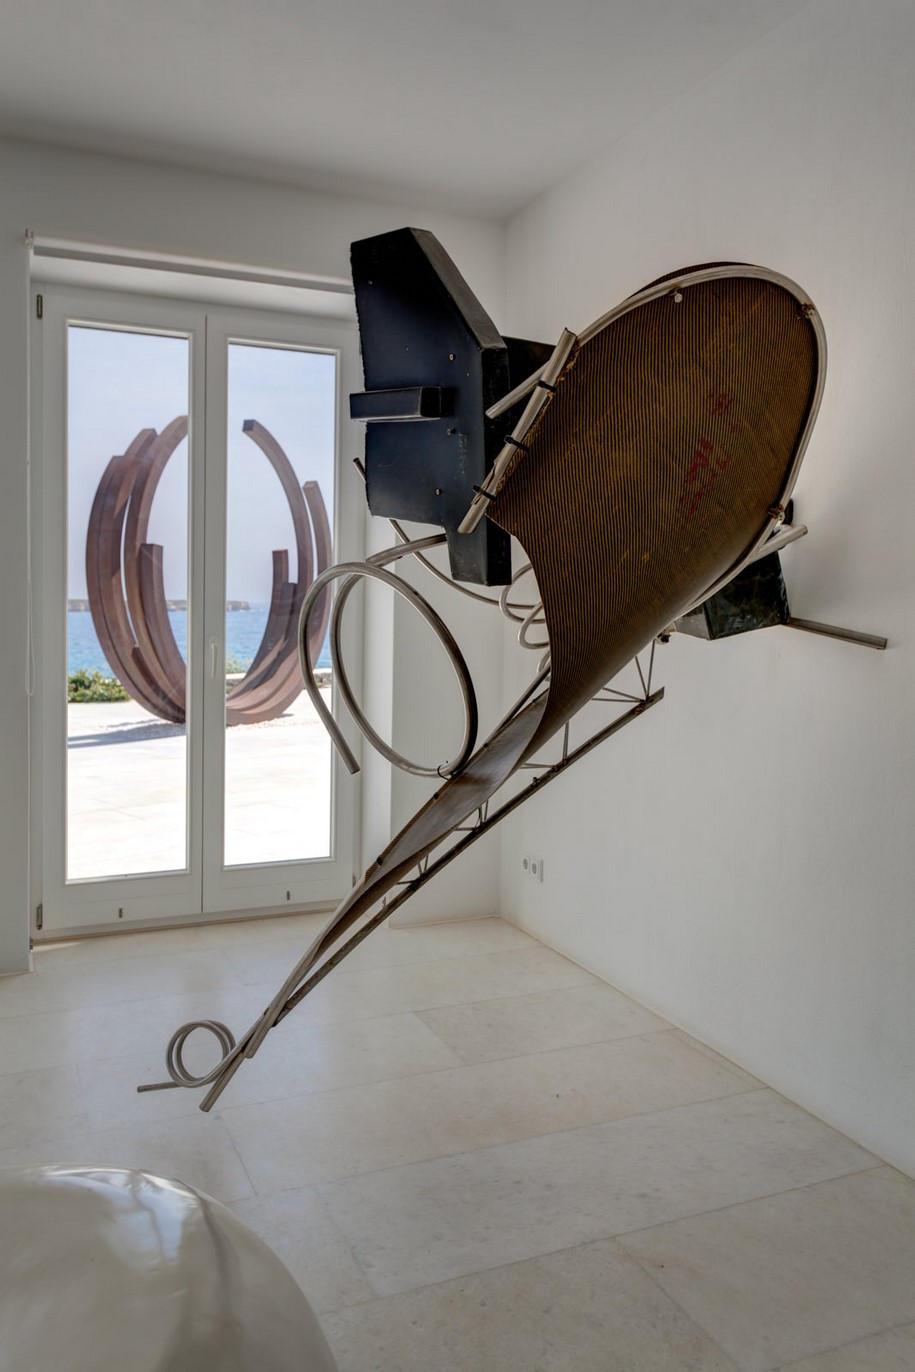 Residence-in-Paros-Photo-George-Fakaros-18